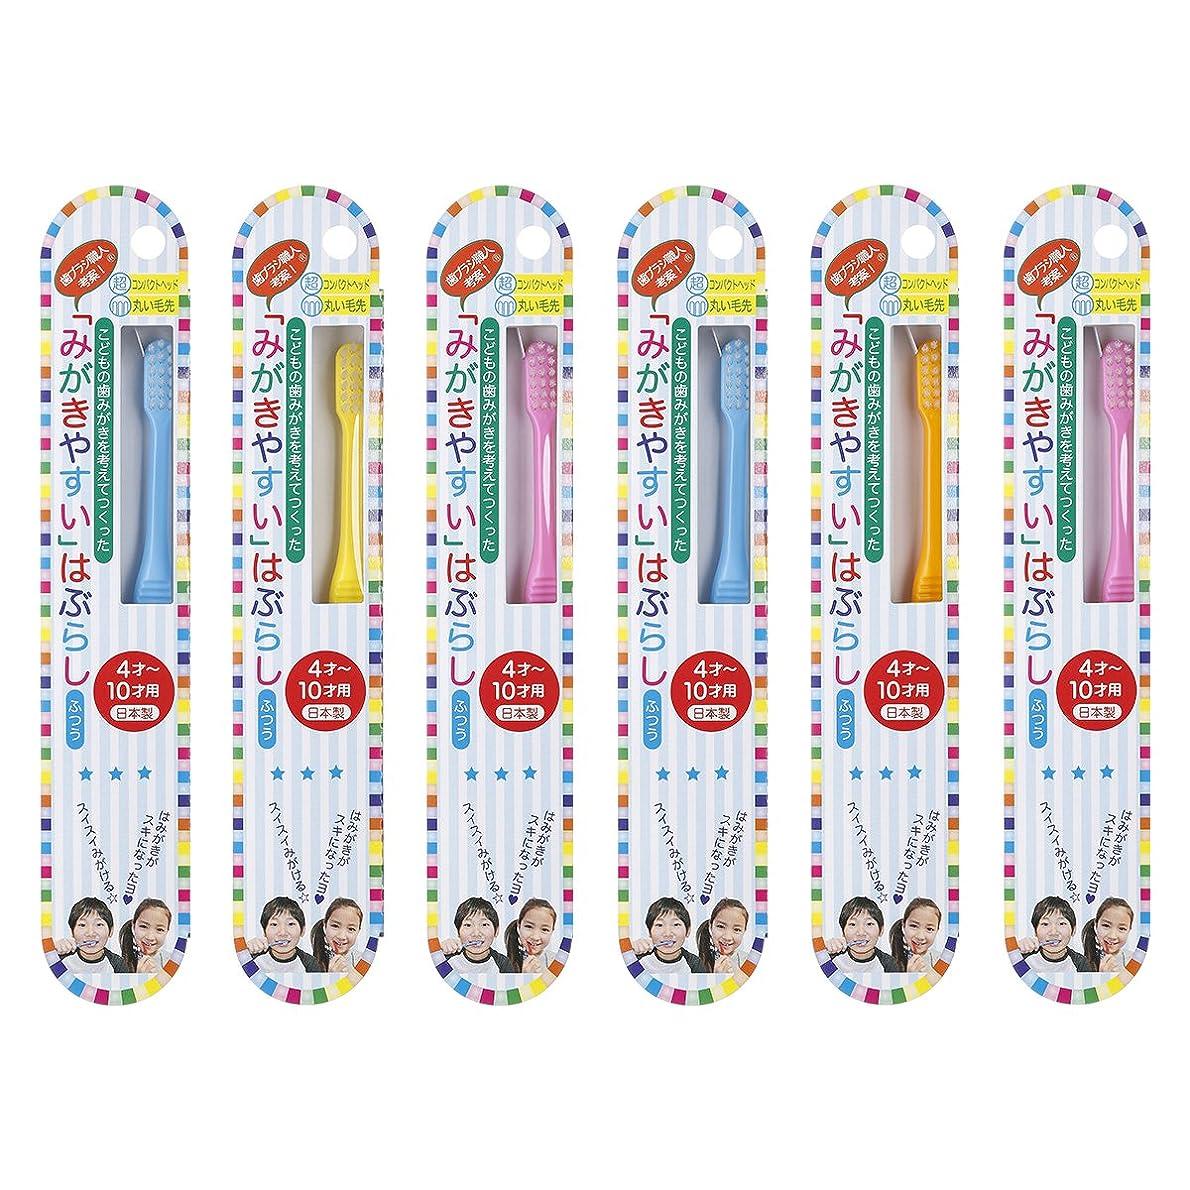 モートステンレス気付く歯ブラシ職人Artooth  日本製  田辺重吉 磨きやすい歯ブラシこども用 LT-10 (6本パック)